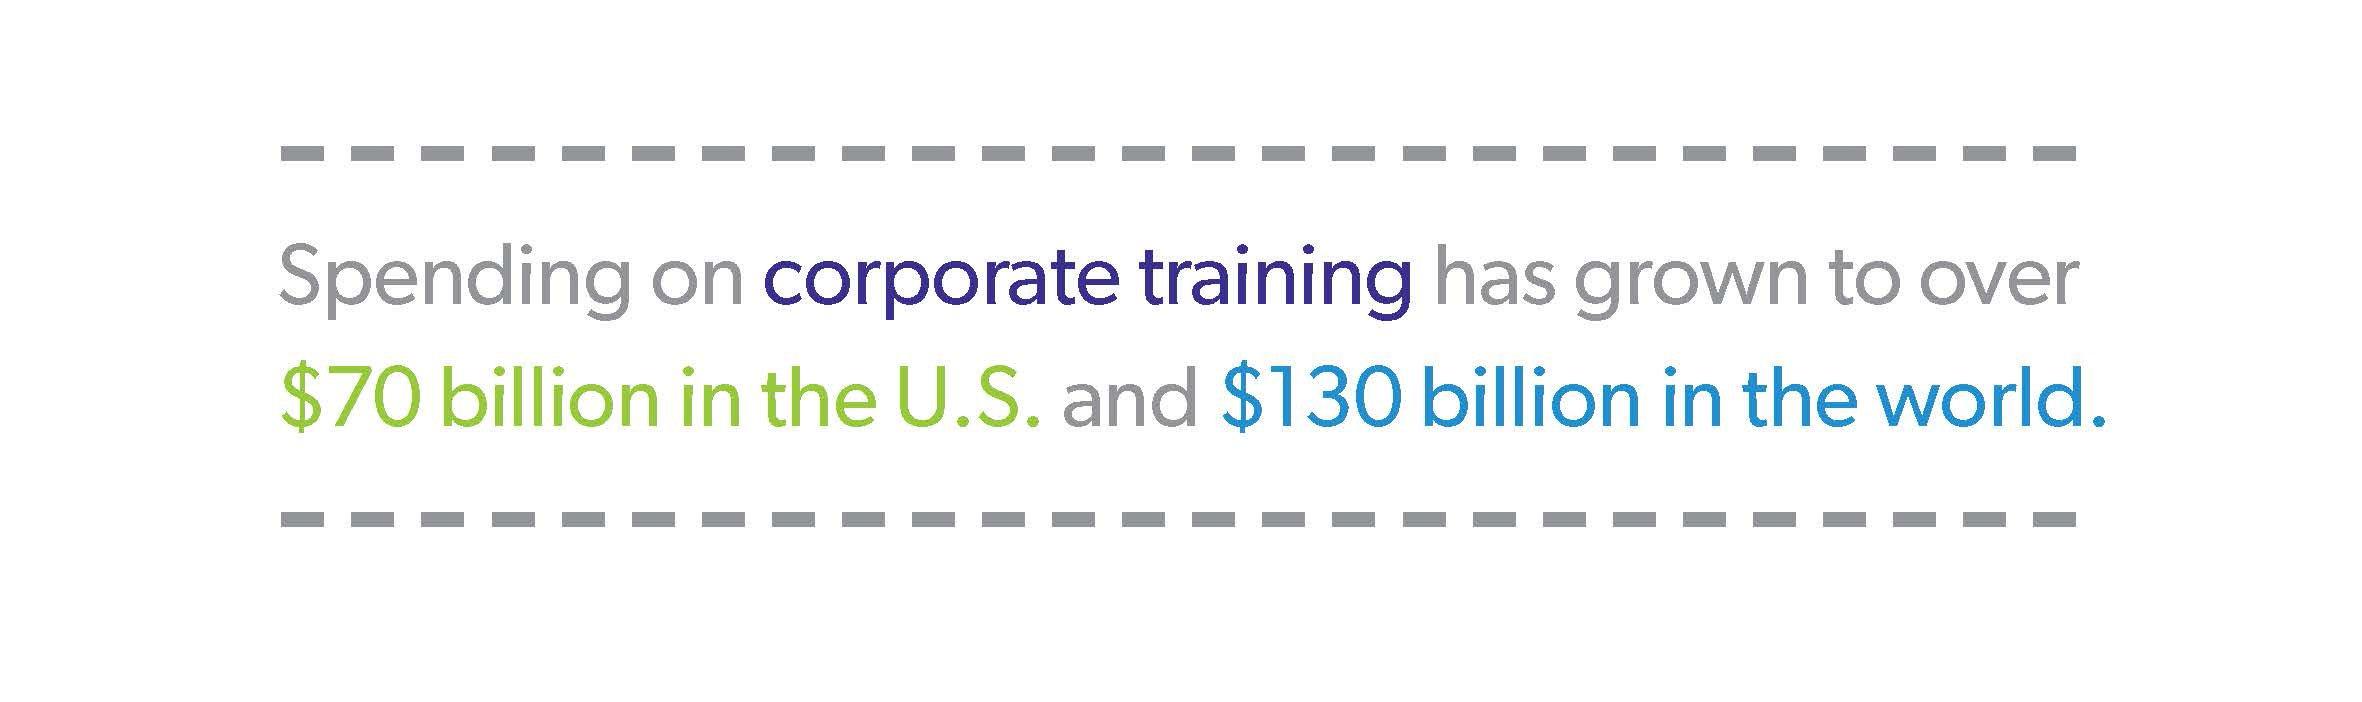 Corporate Spending